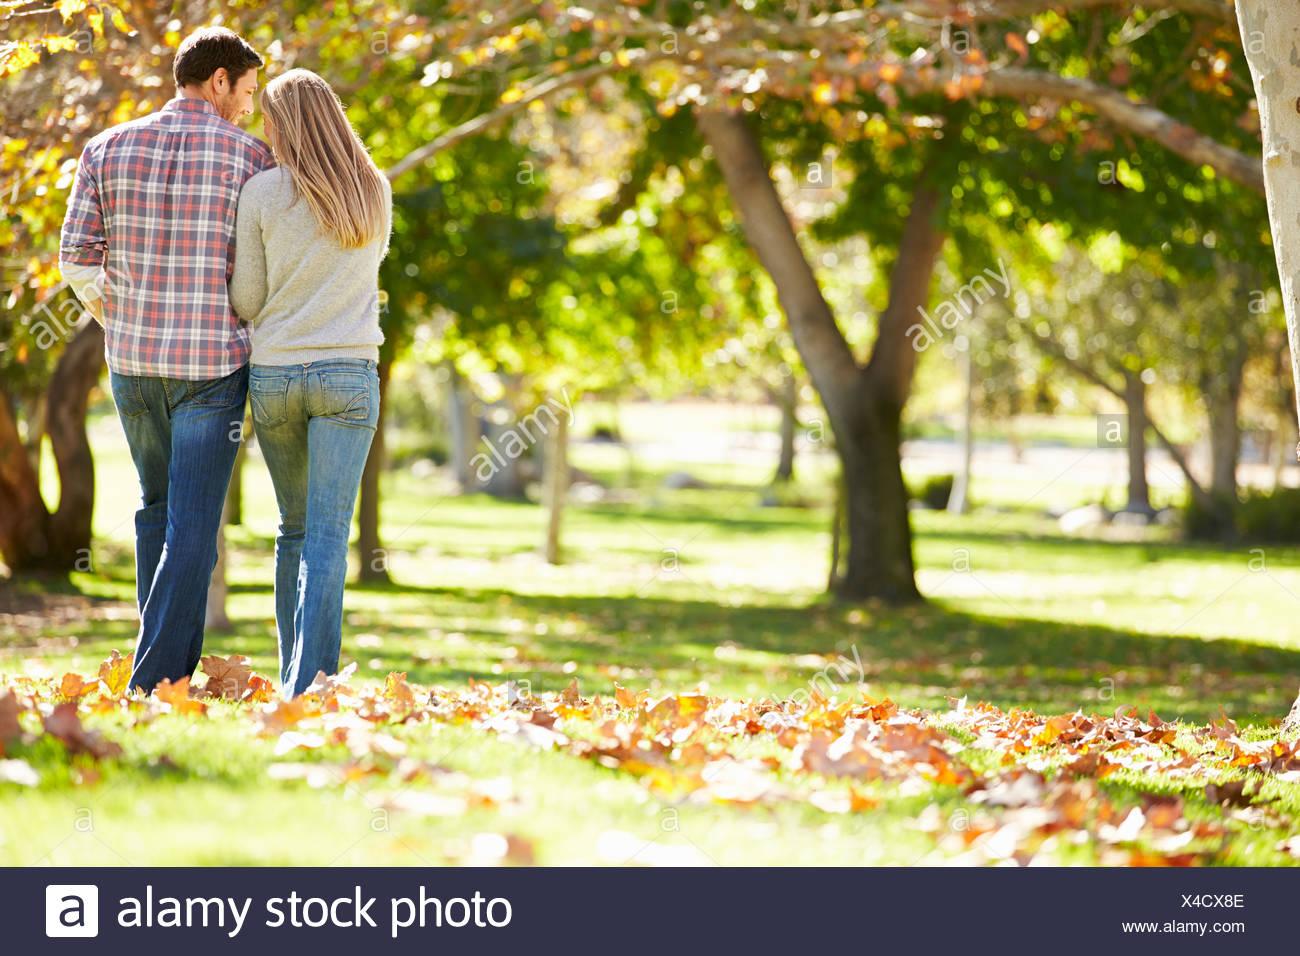 Vista posteriore della coppia romantica passeggiate attraverso boschi di autunno Immagini Stock